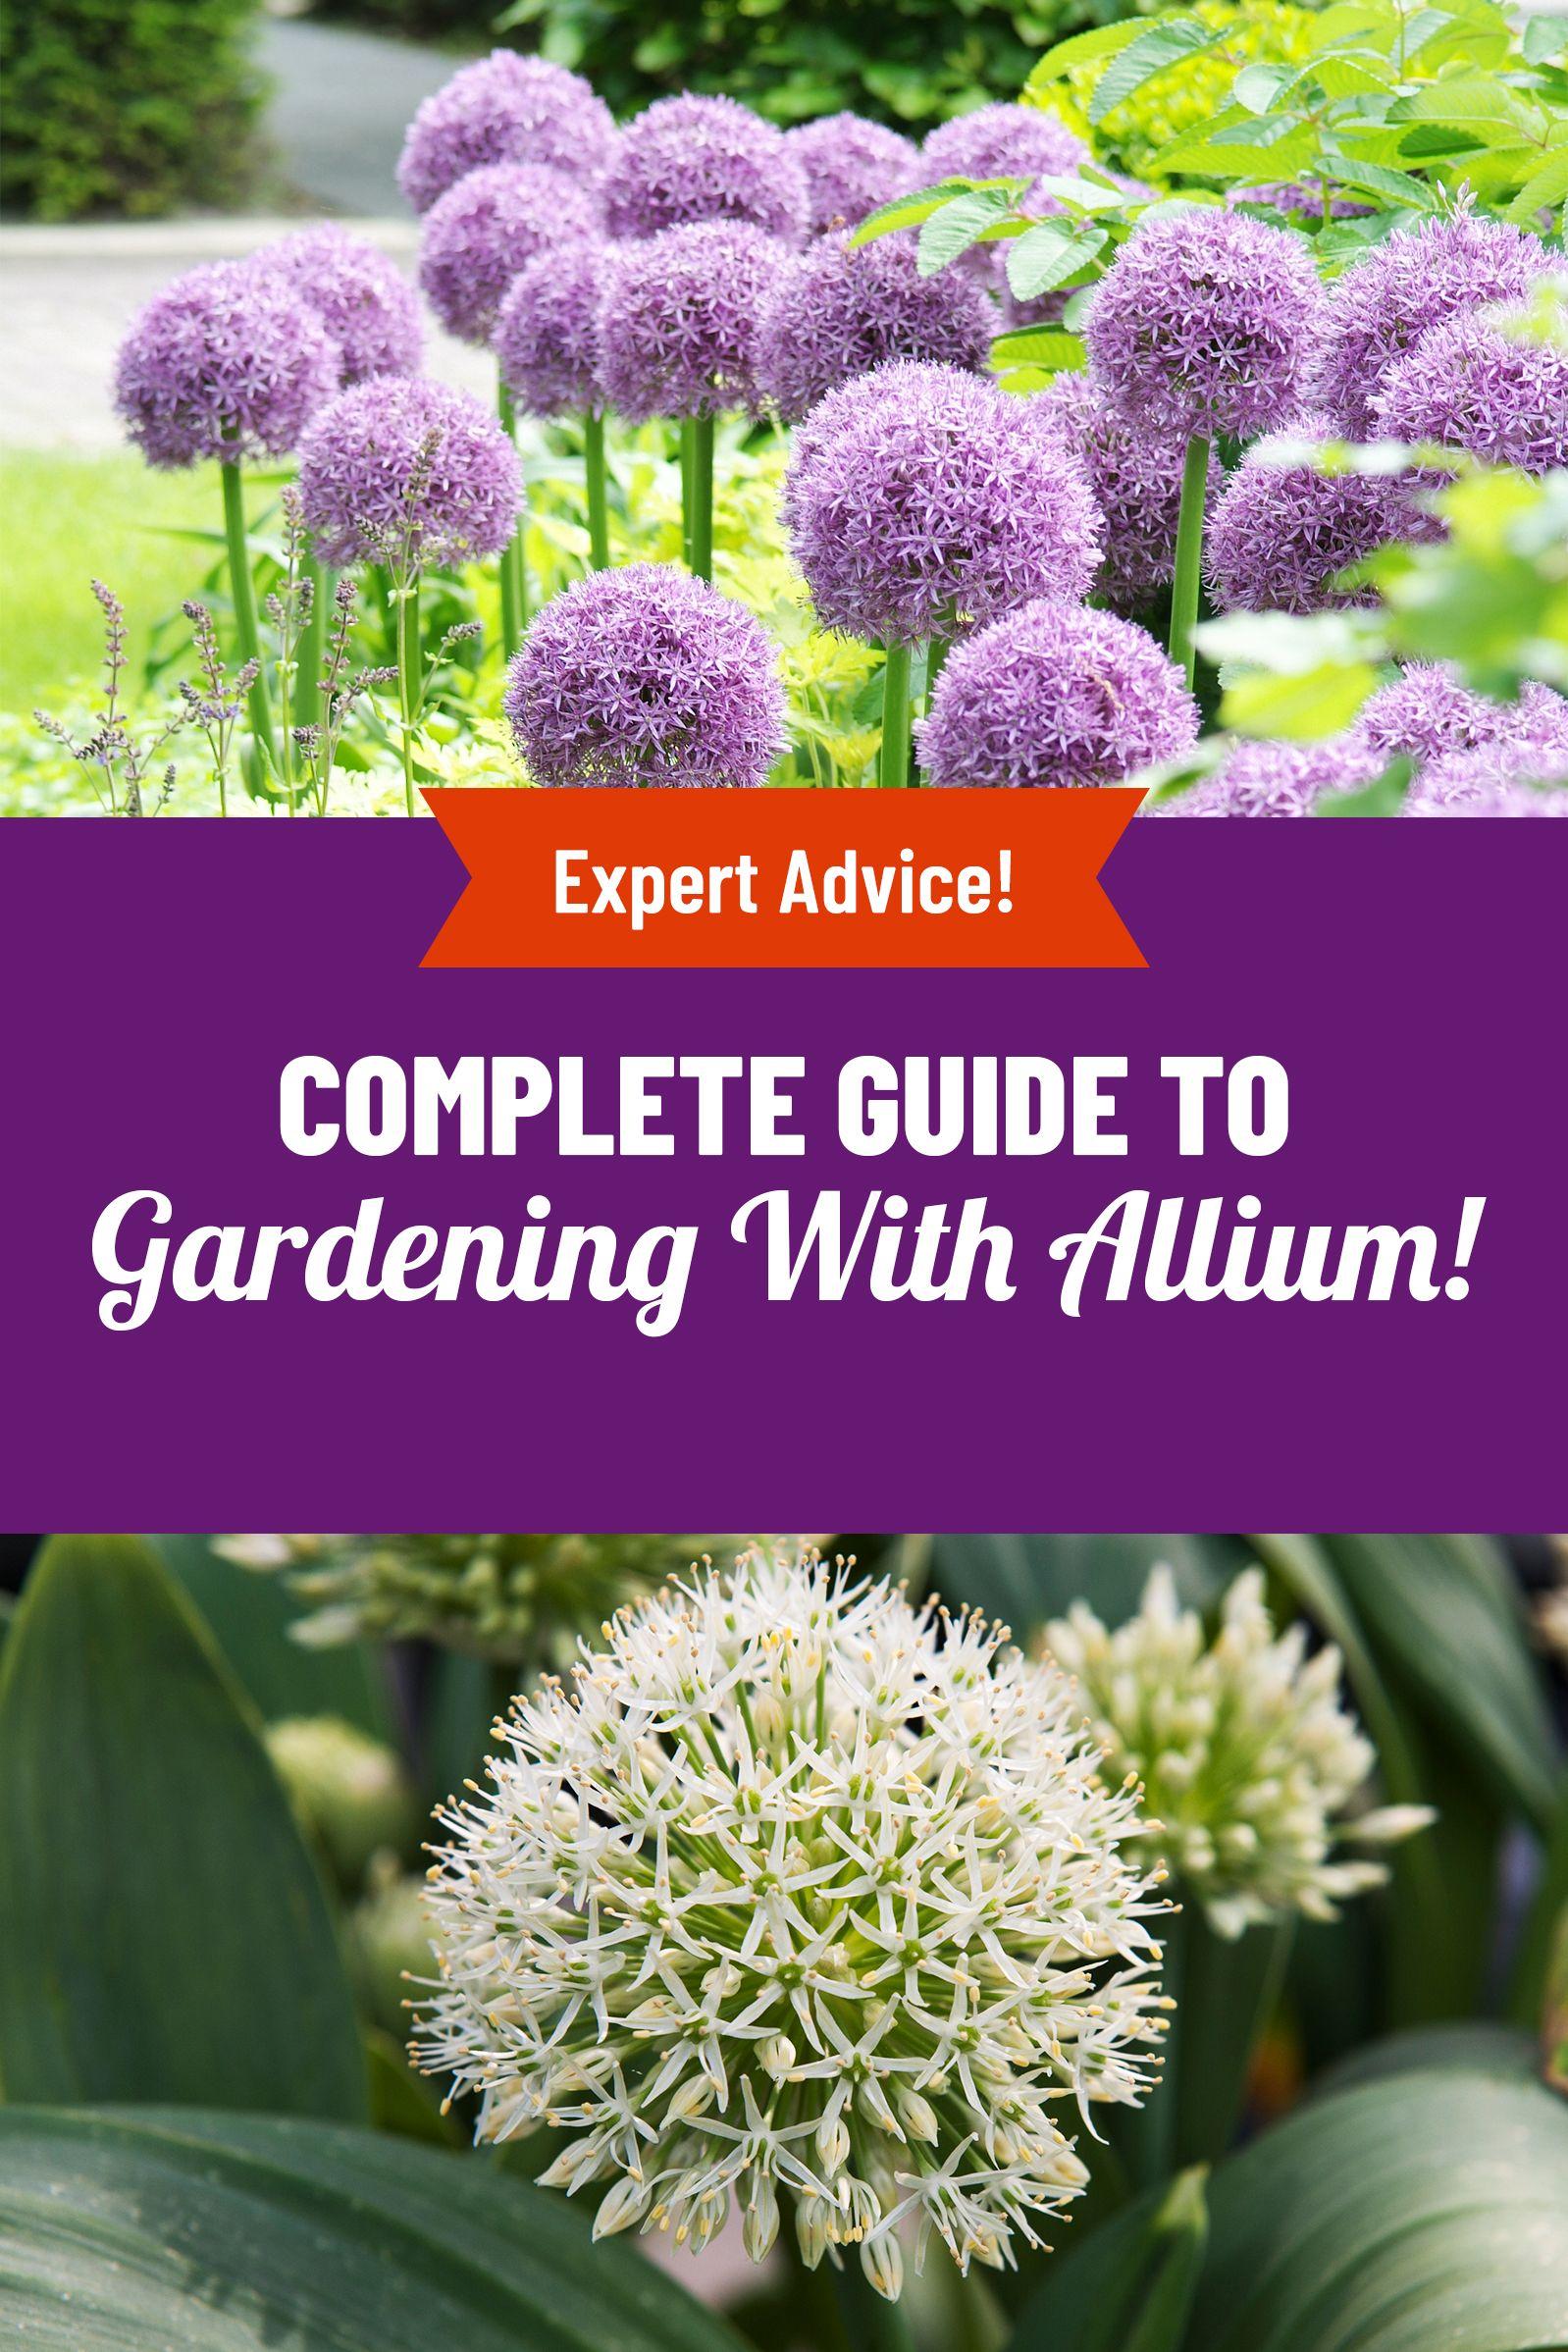 Growing Allium In 2020 Allium Flowers Planting Bulbs Plants